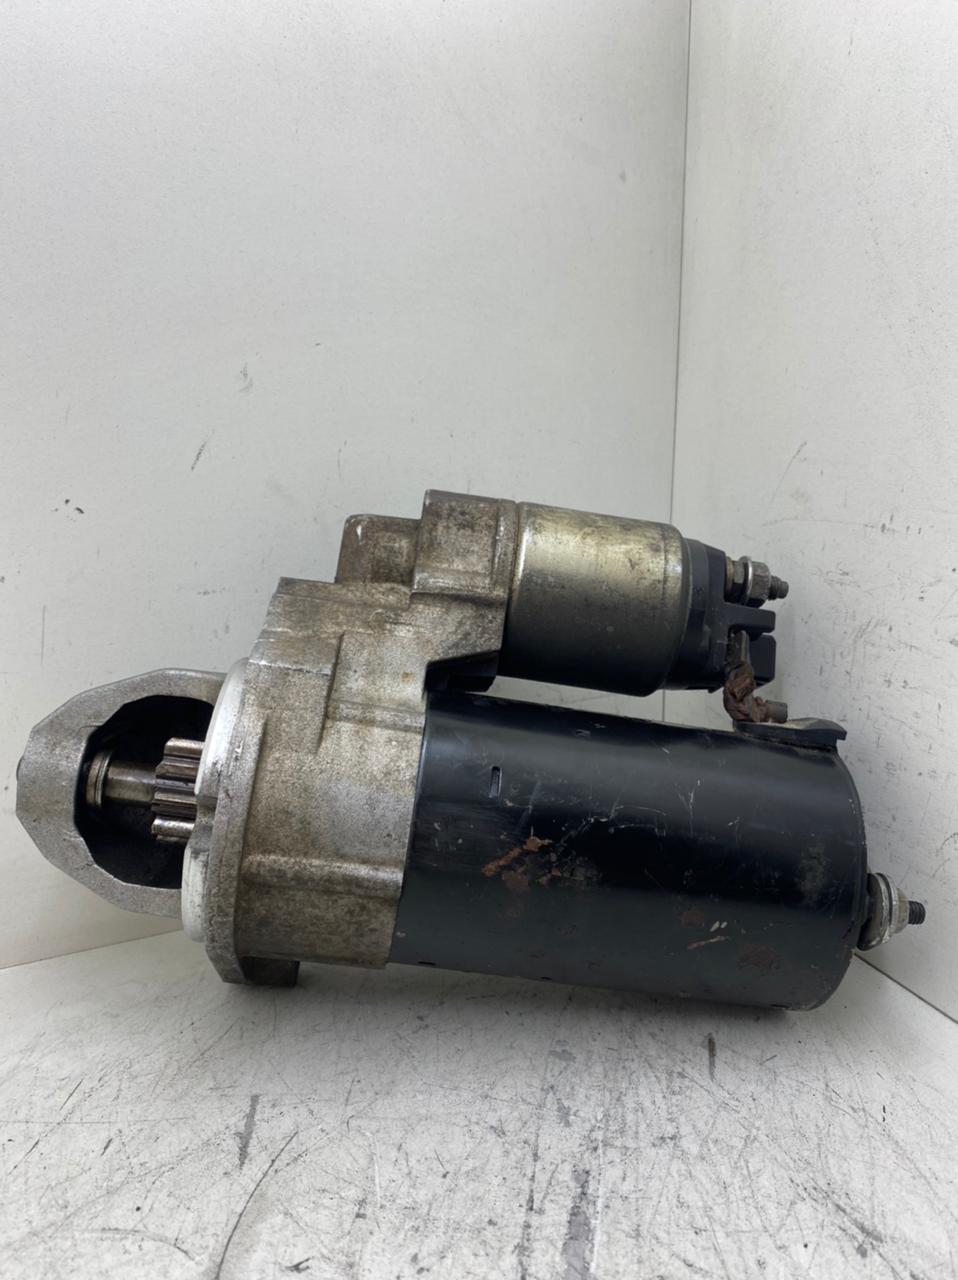 Motor De Partida Arranque Bmw X5 Serie 5 6 7 4.8 Is V8 4x4 9D E60 550I 0001108208 0001108209 7536690